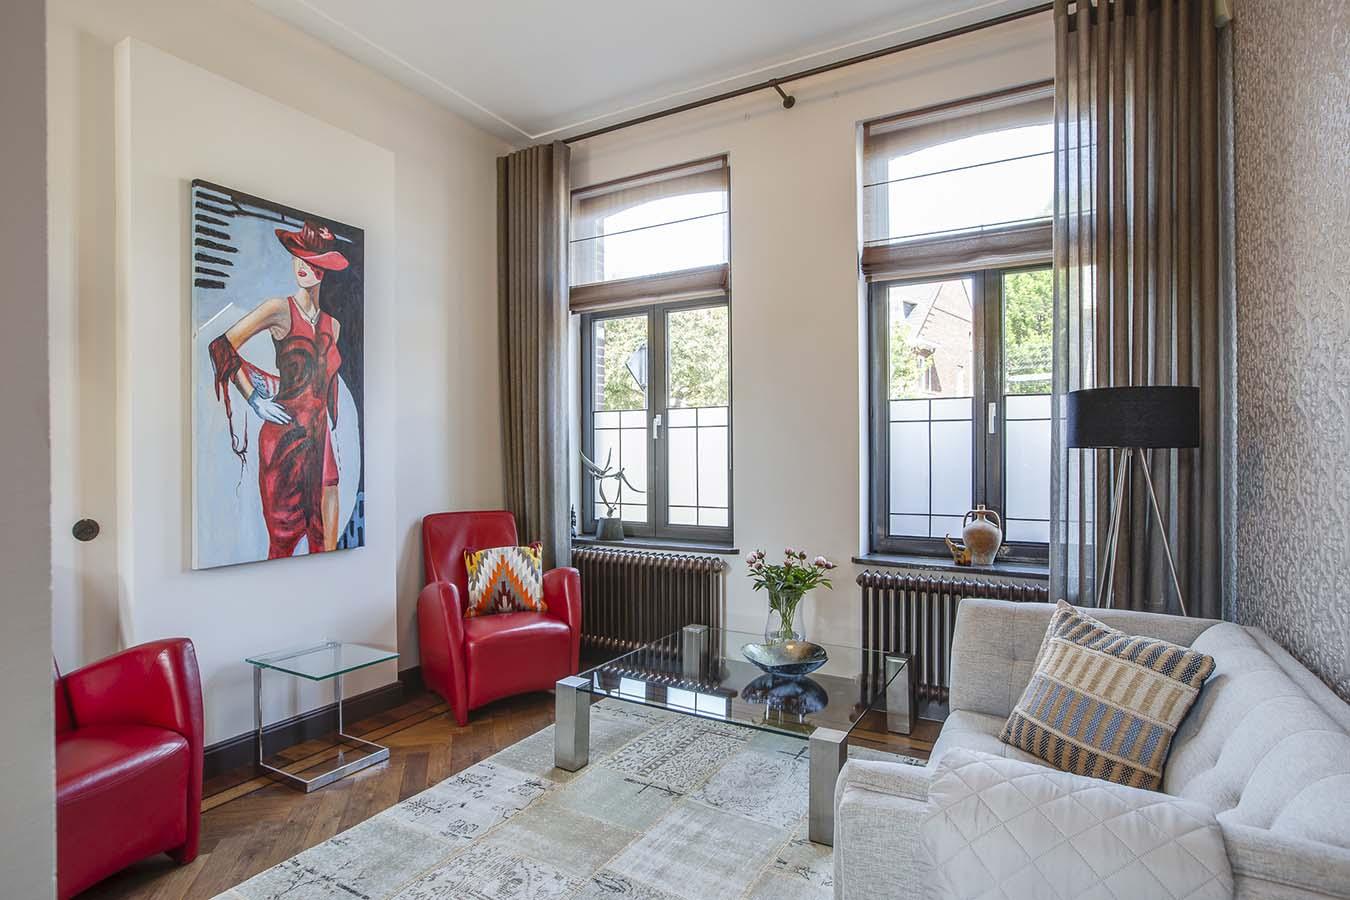 woonkamer met bank en losse stoelen